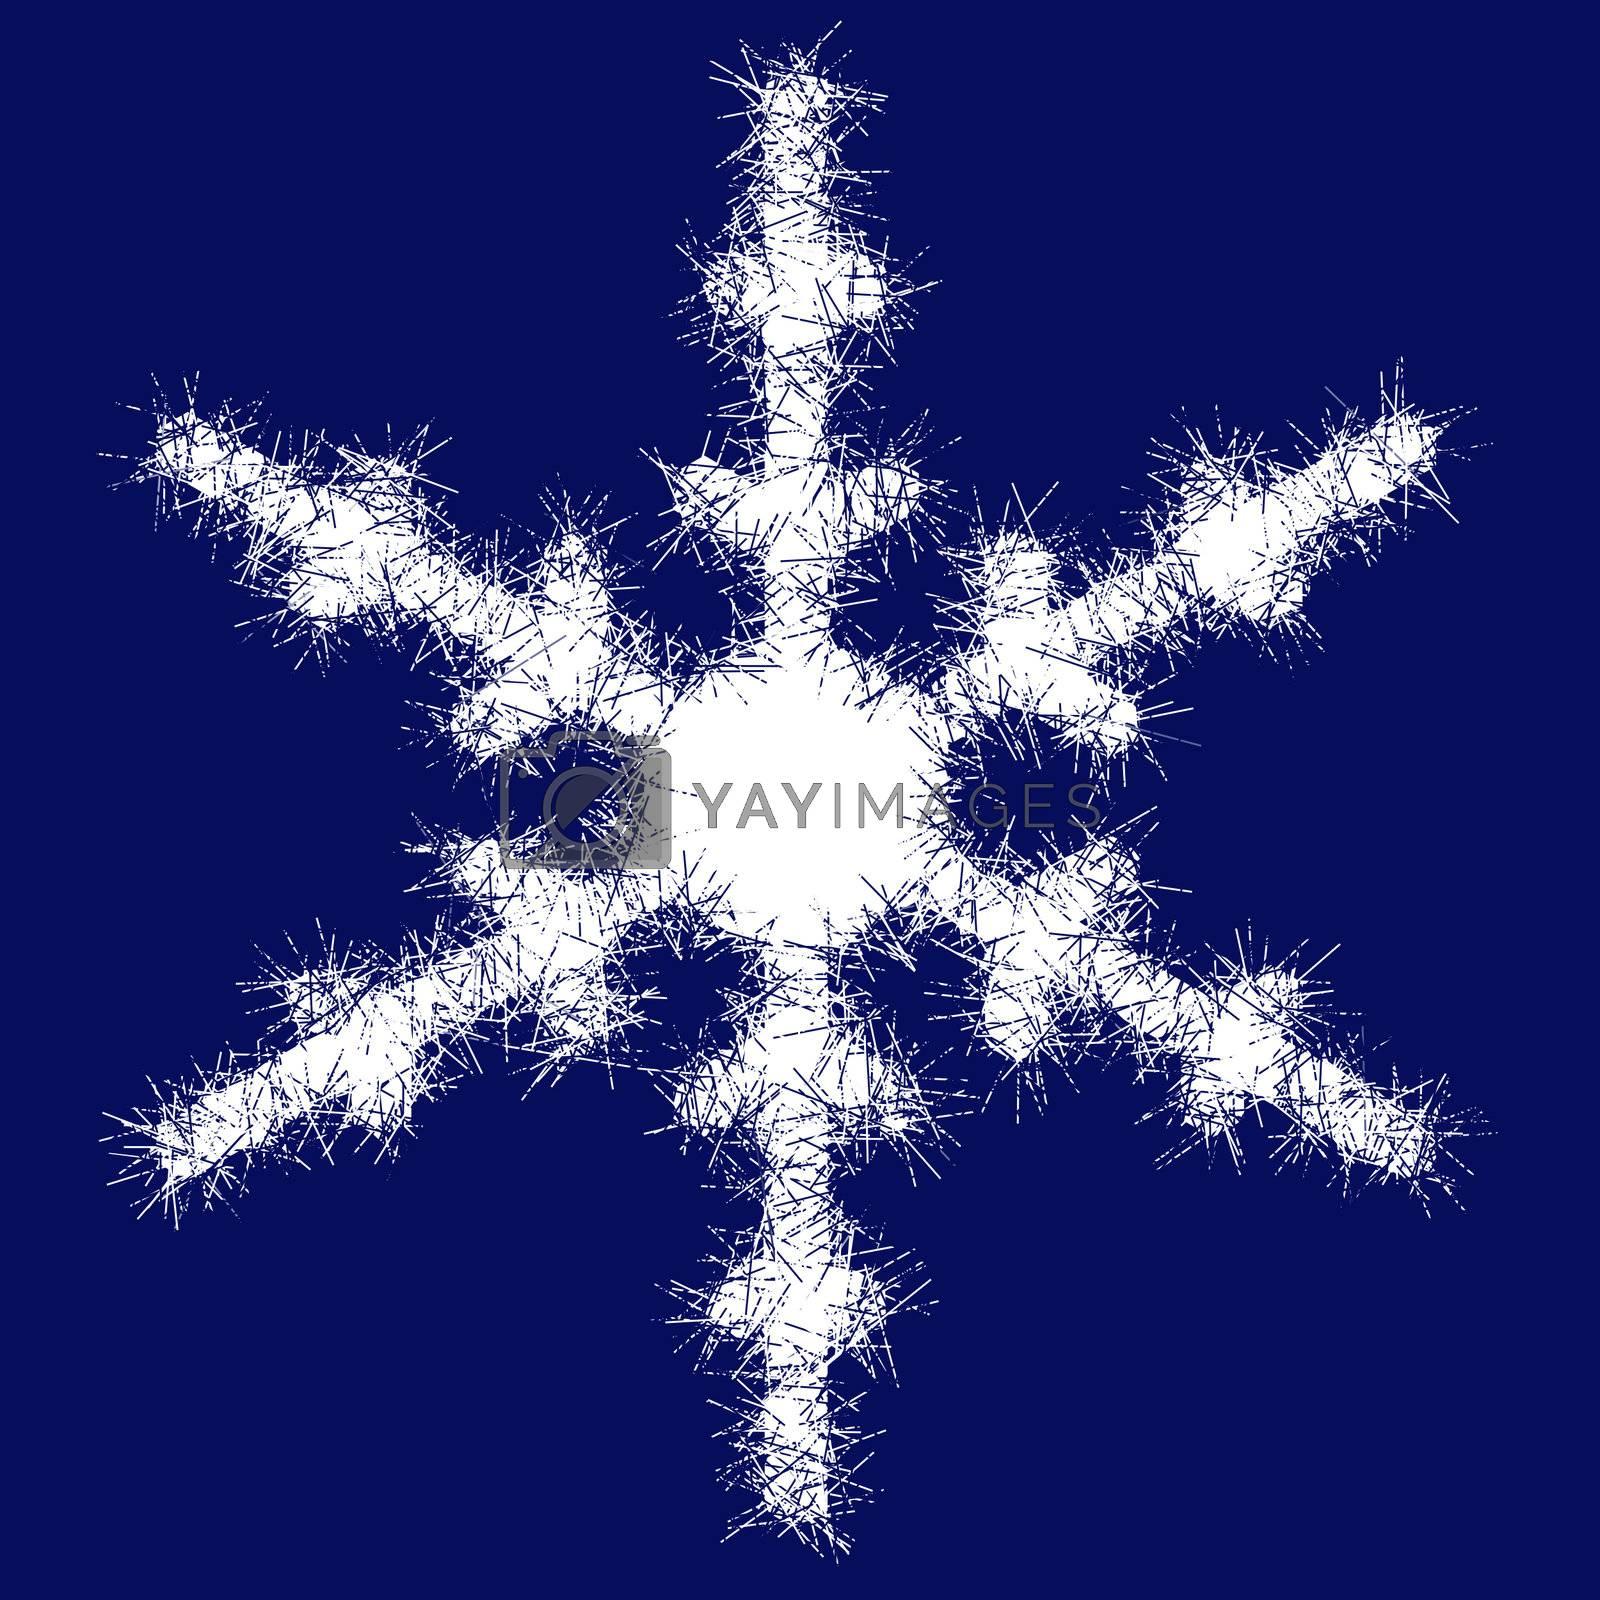 White snowflake on a dark blue background. A Christmas snowflake.